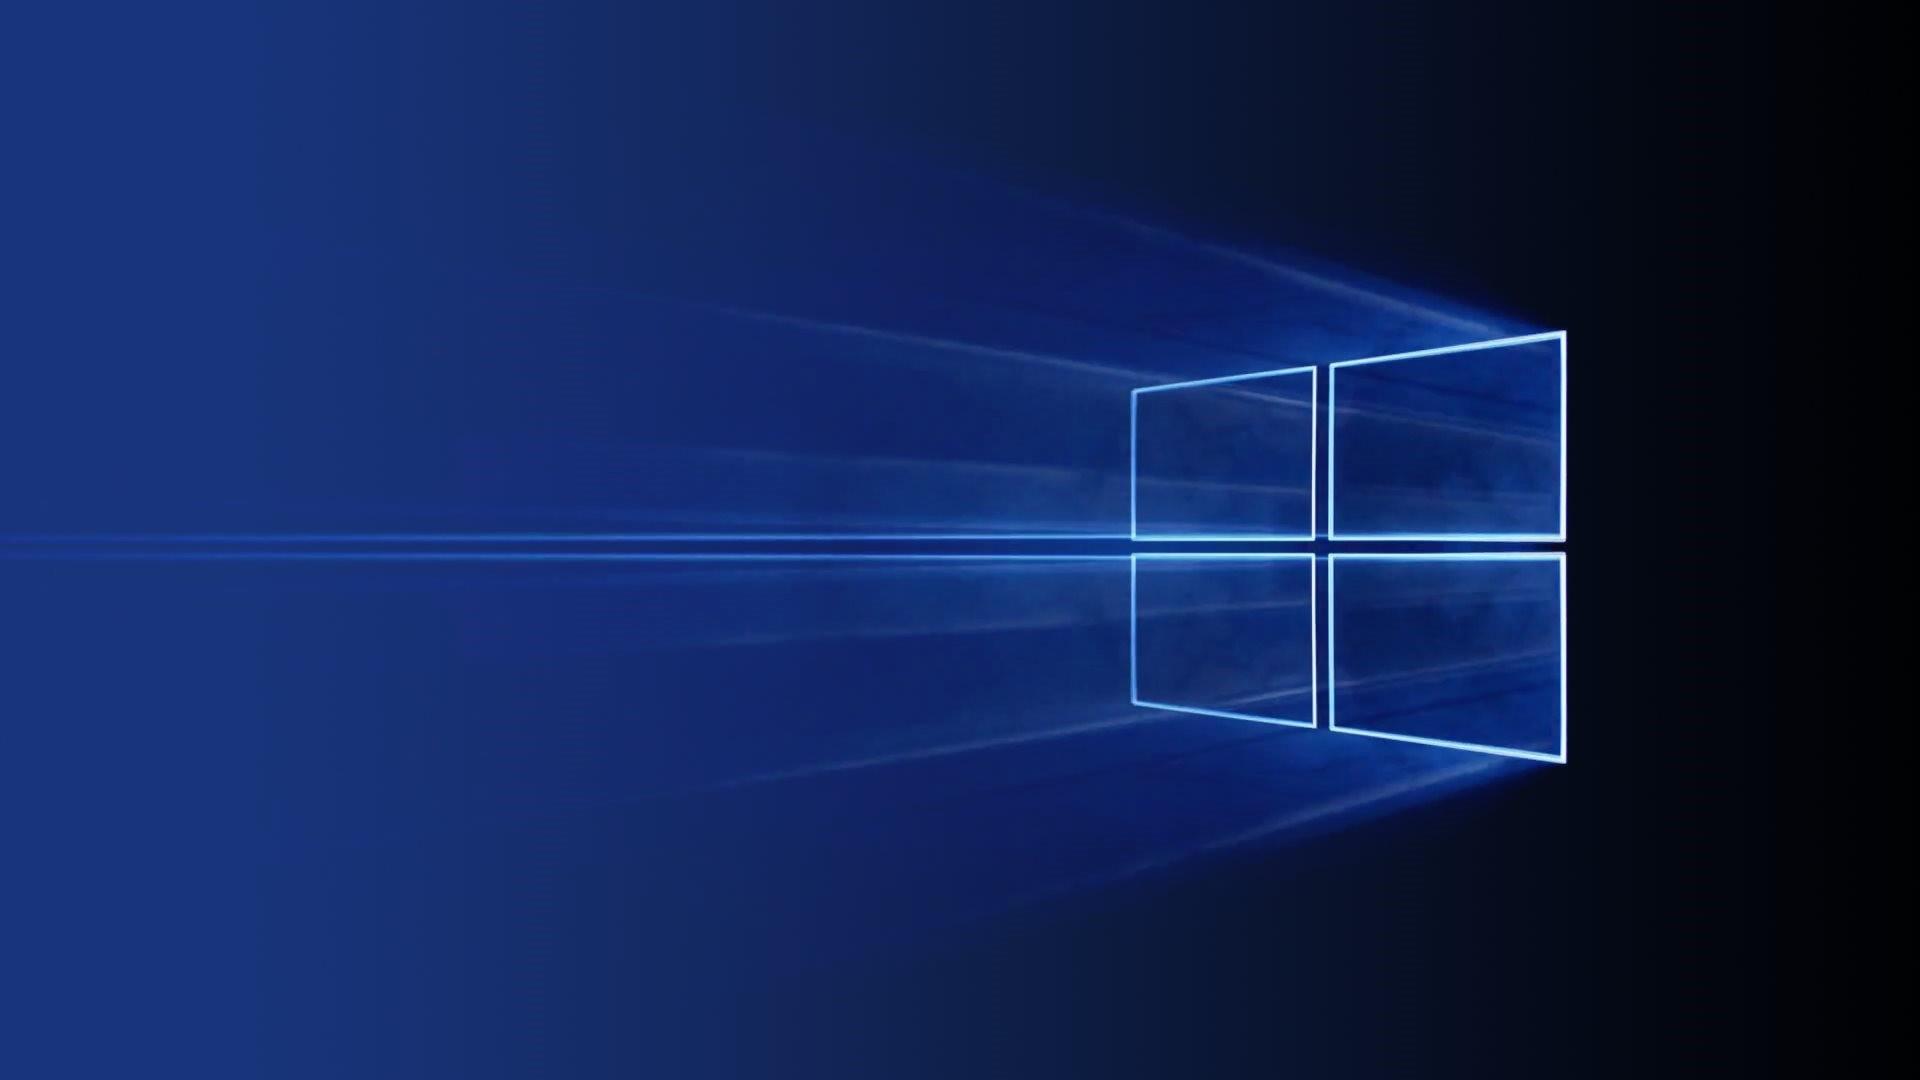 Microsoft PC Wallpaper